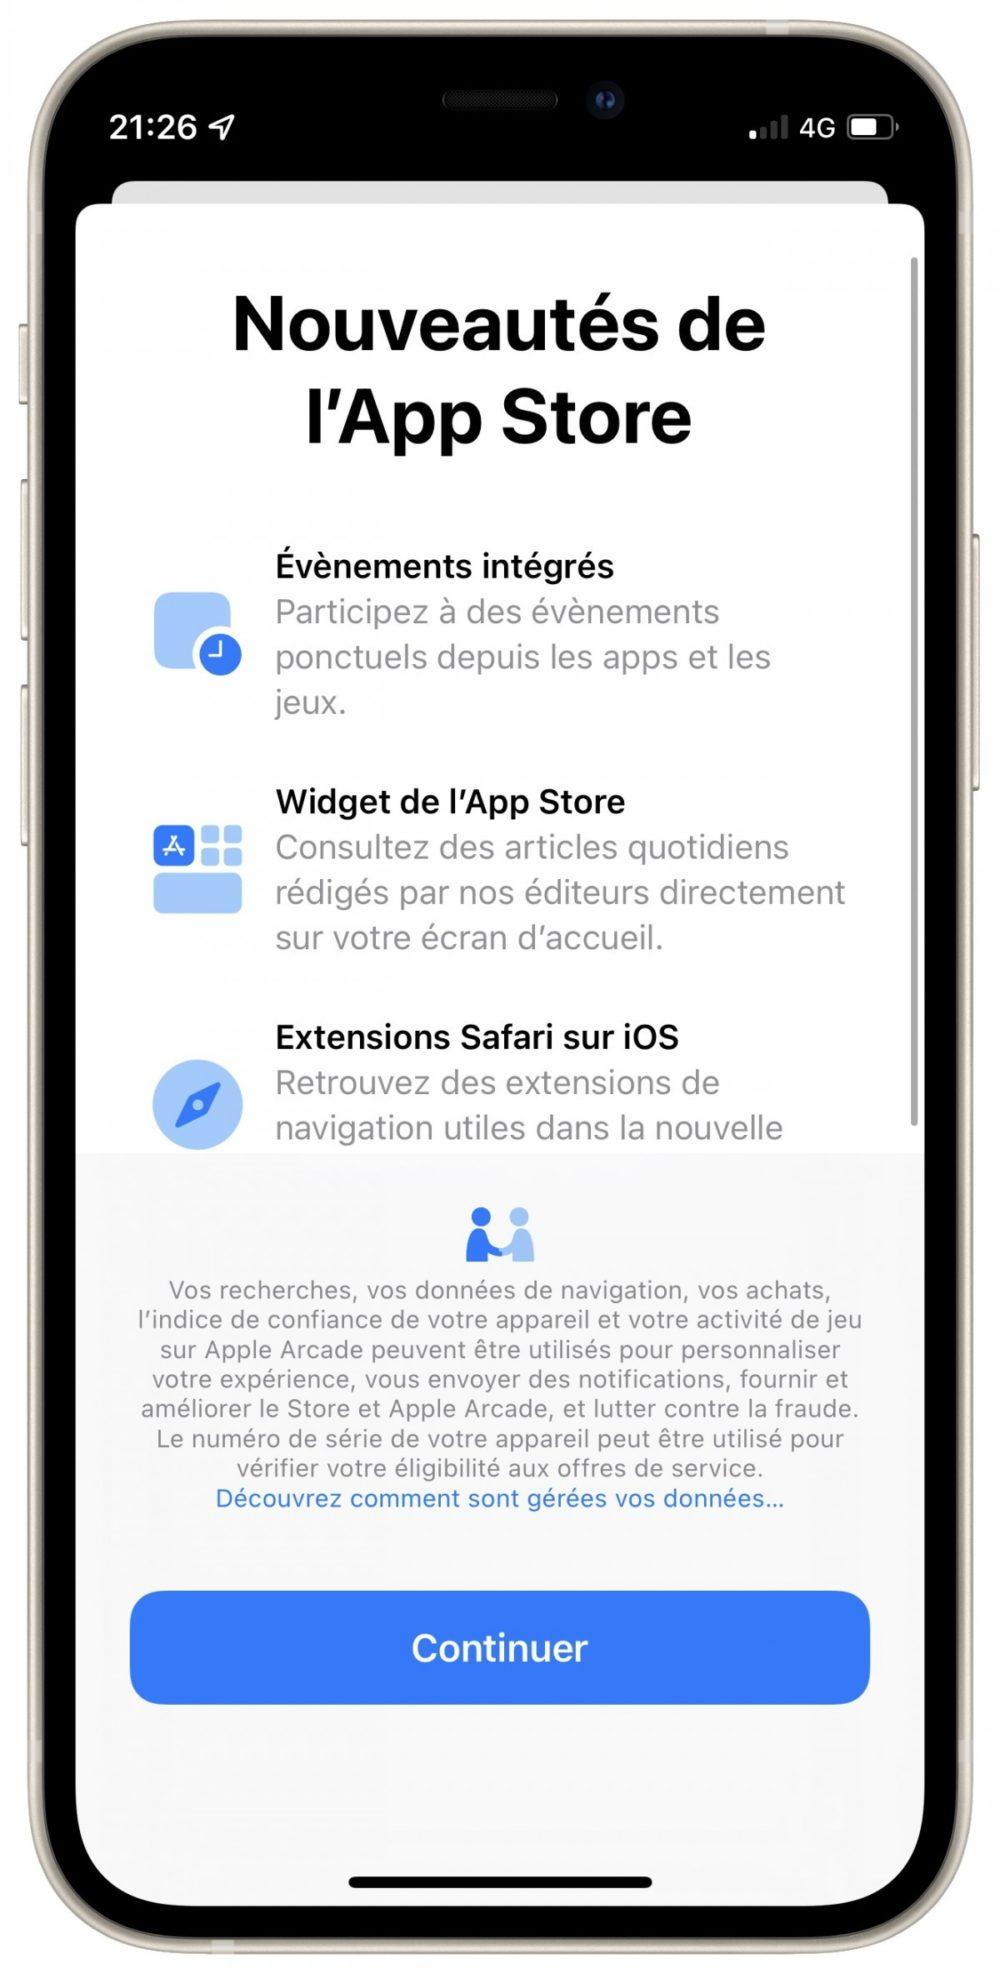 App Store iOS 15 Beta 3 iOS 15 et iPadOS 15 bêta 3 : voici la liste des nouveautés retrouvées